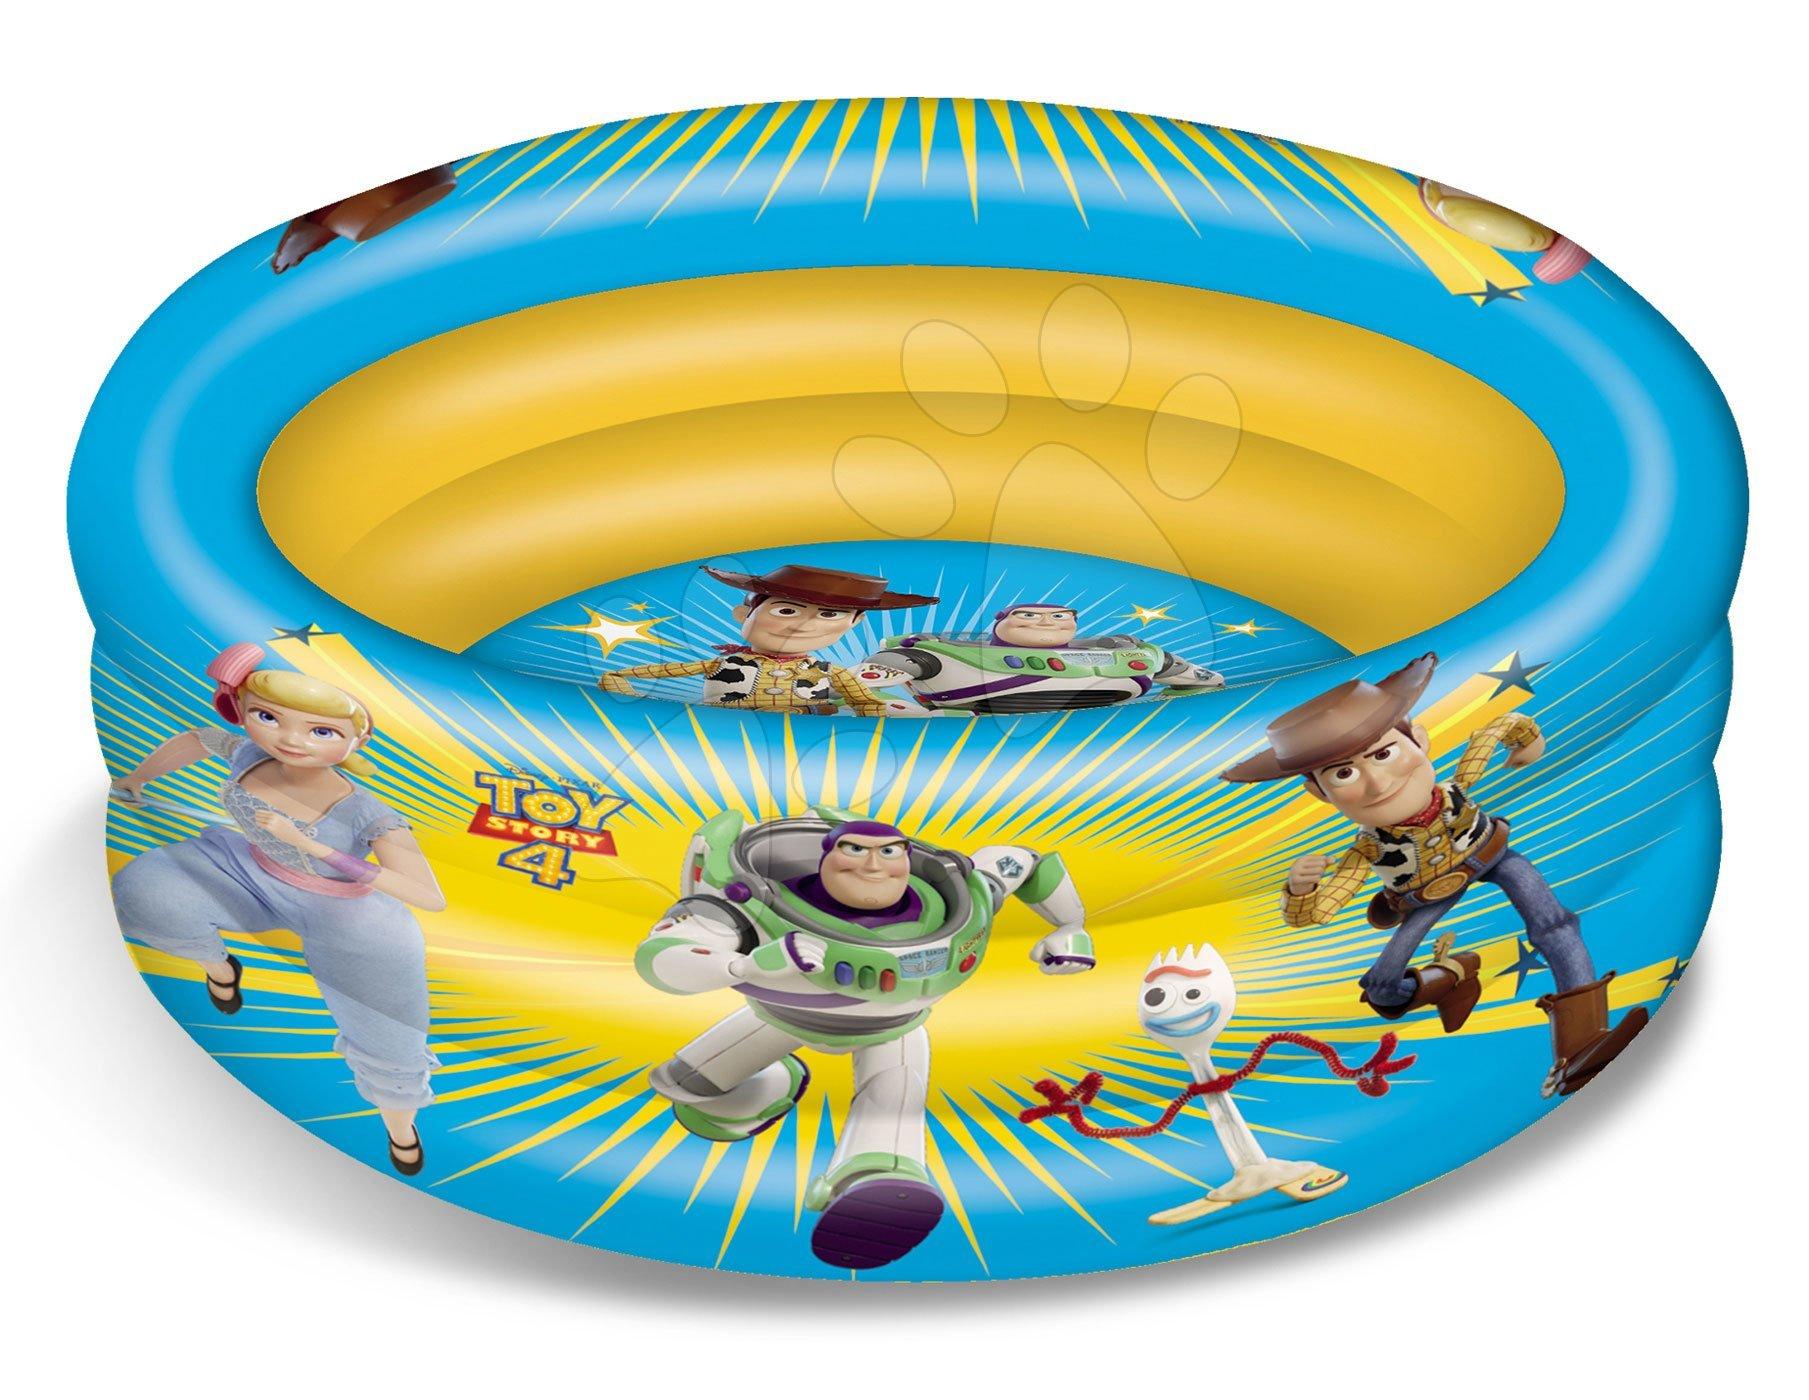 Nafukovací bazén Toy Story 4 Mondo trojkomorový 100 cm od 10 mes